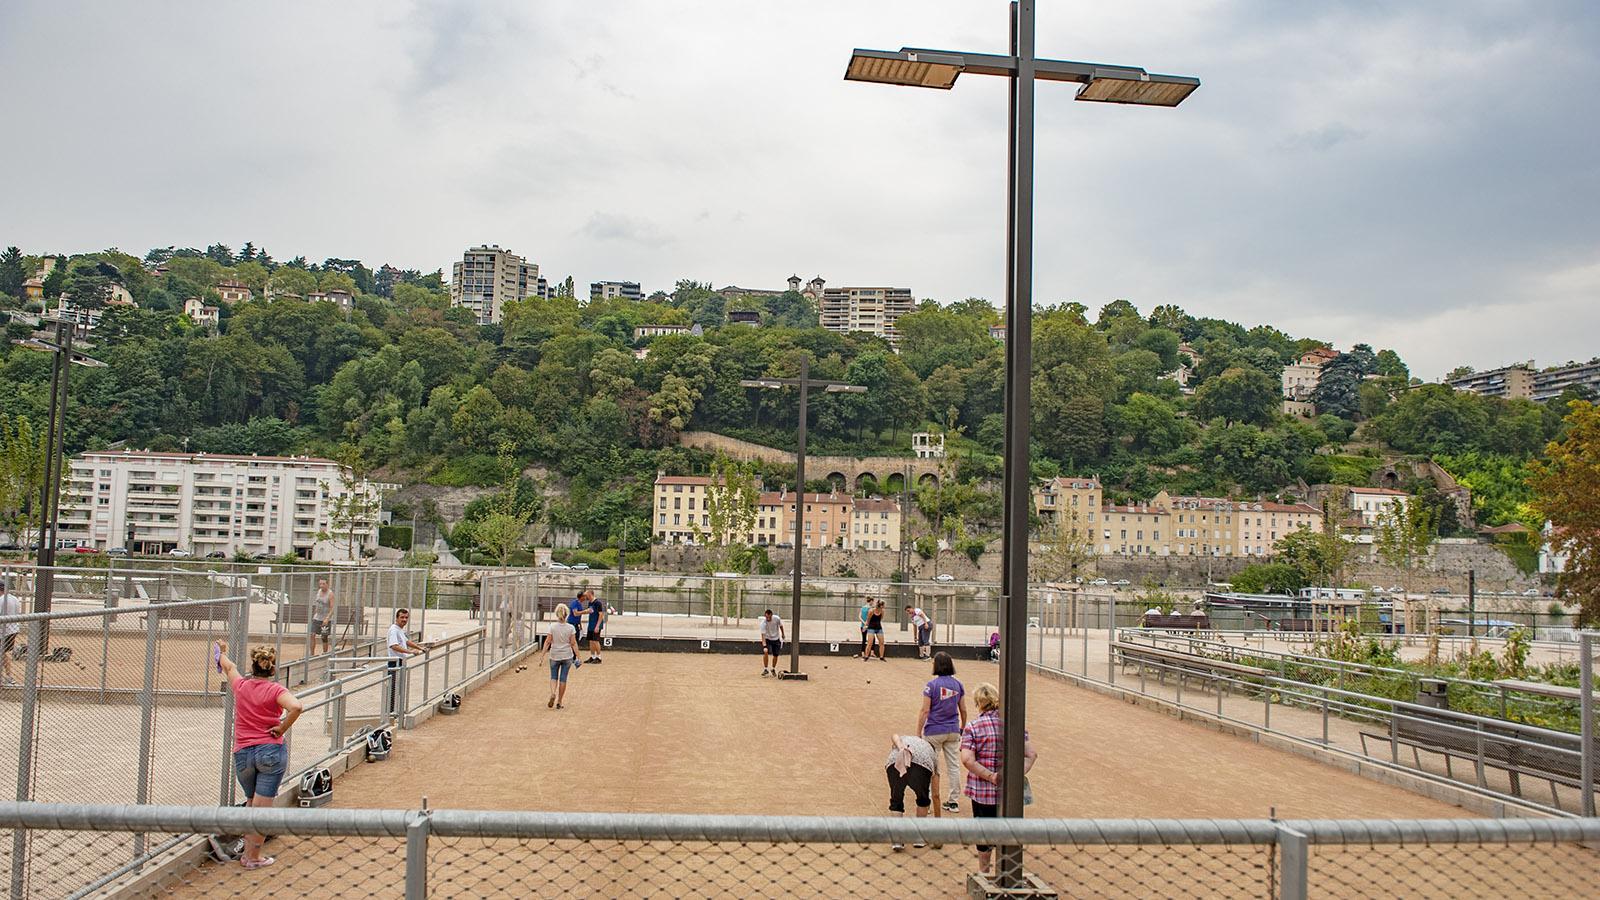 Die Ballsportfelder und Bouleplätze von La Confluence sind für alle geöffnet. Foto: Hilke Maunder